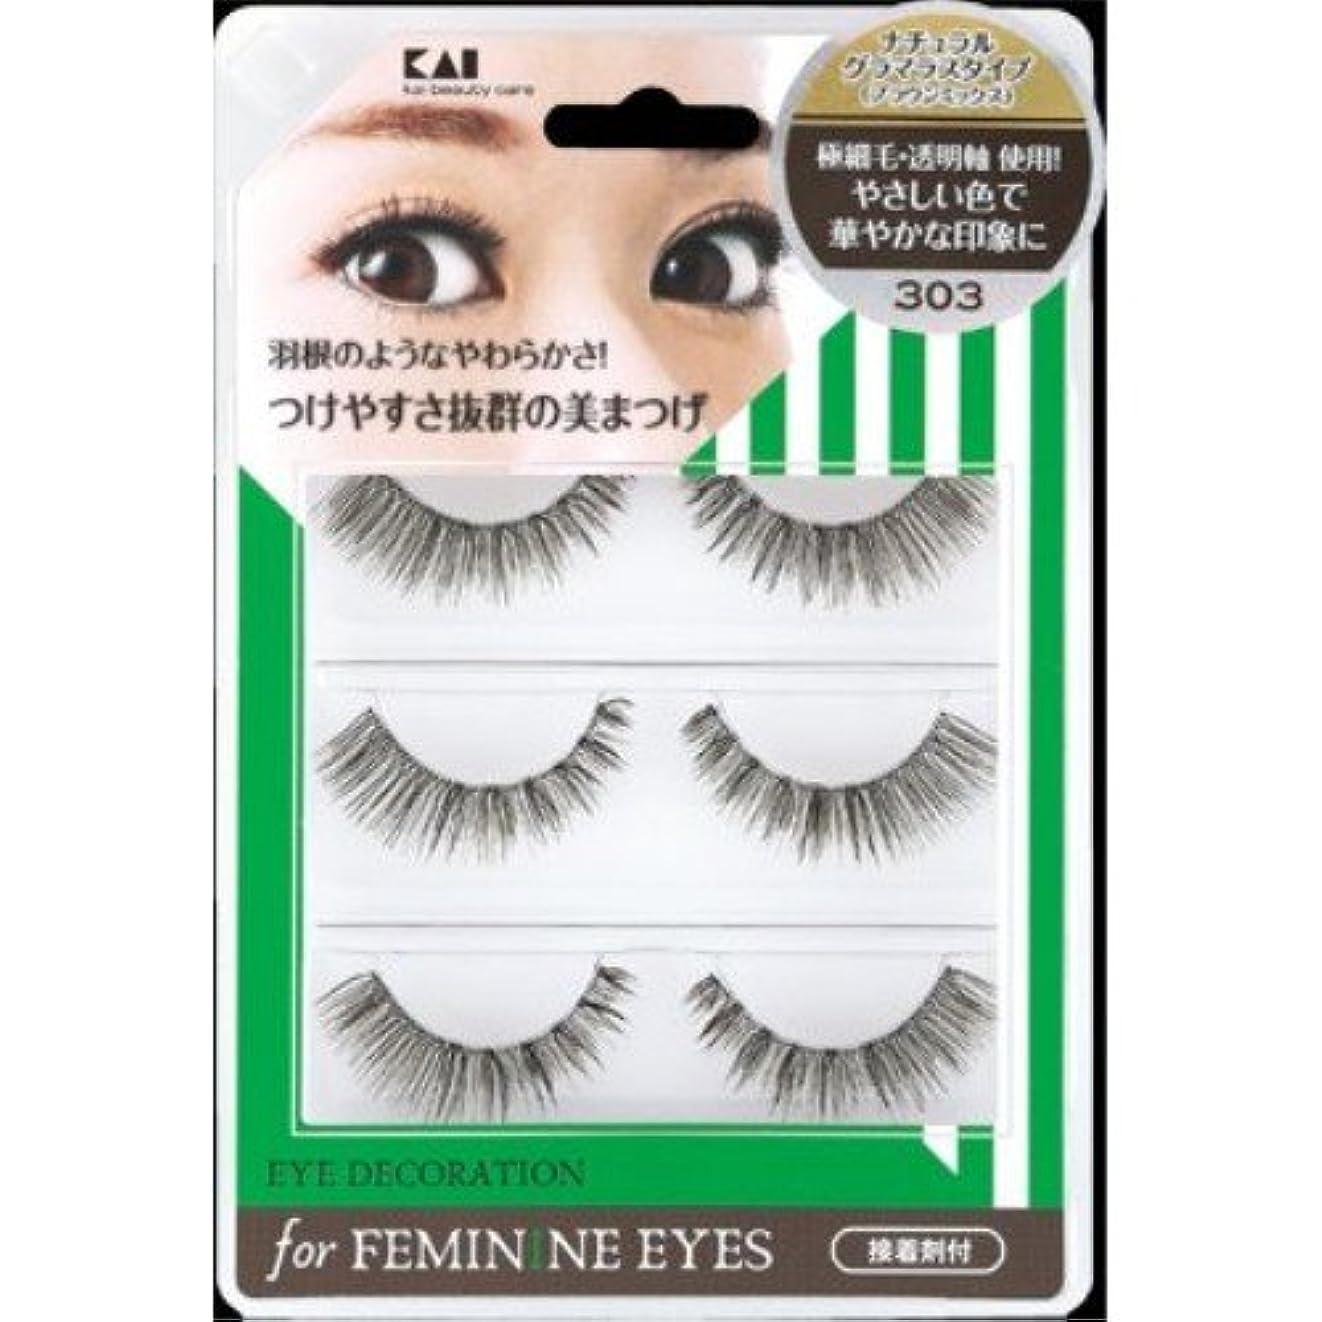 きらめき失業鮮やかな貝印 アイデコレーション for feminine eyes 303 HC1563